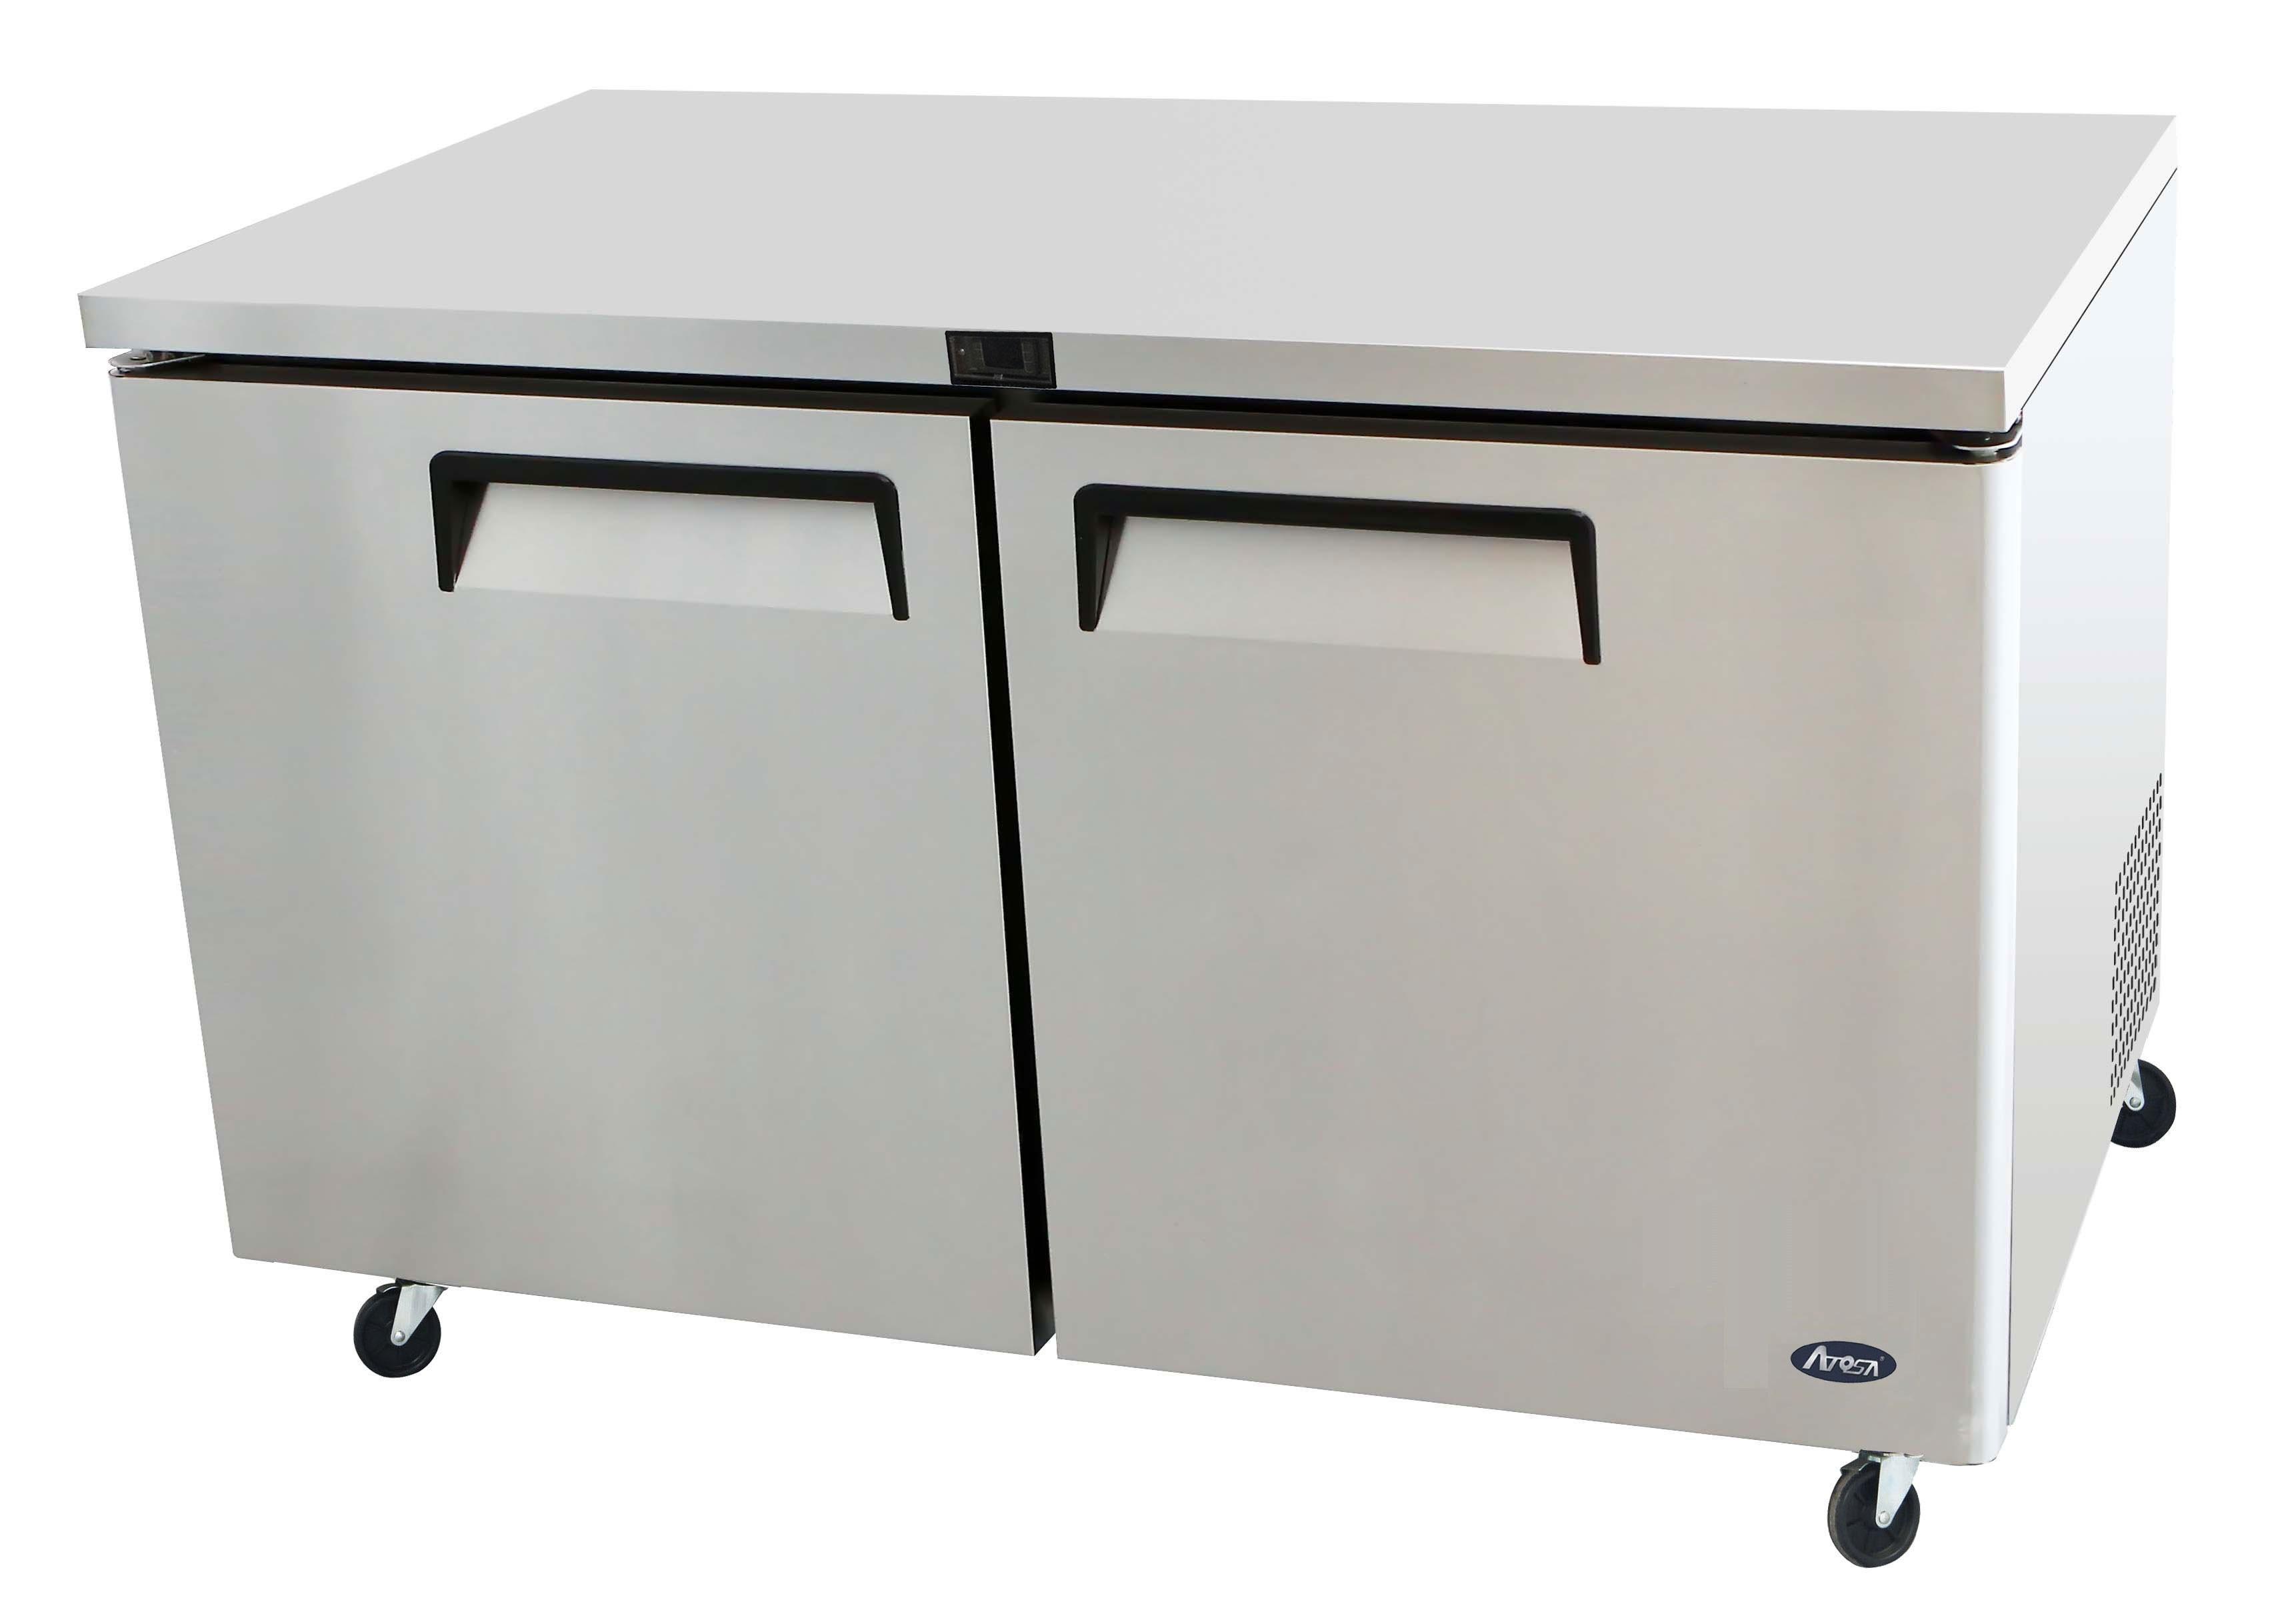 Atosa MGF8407 60'' Undercounter Freezer